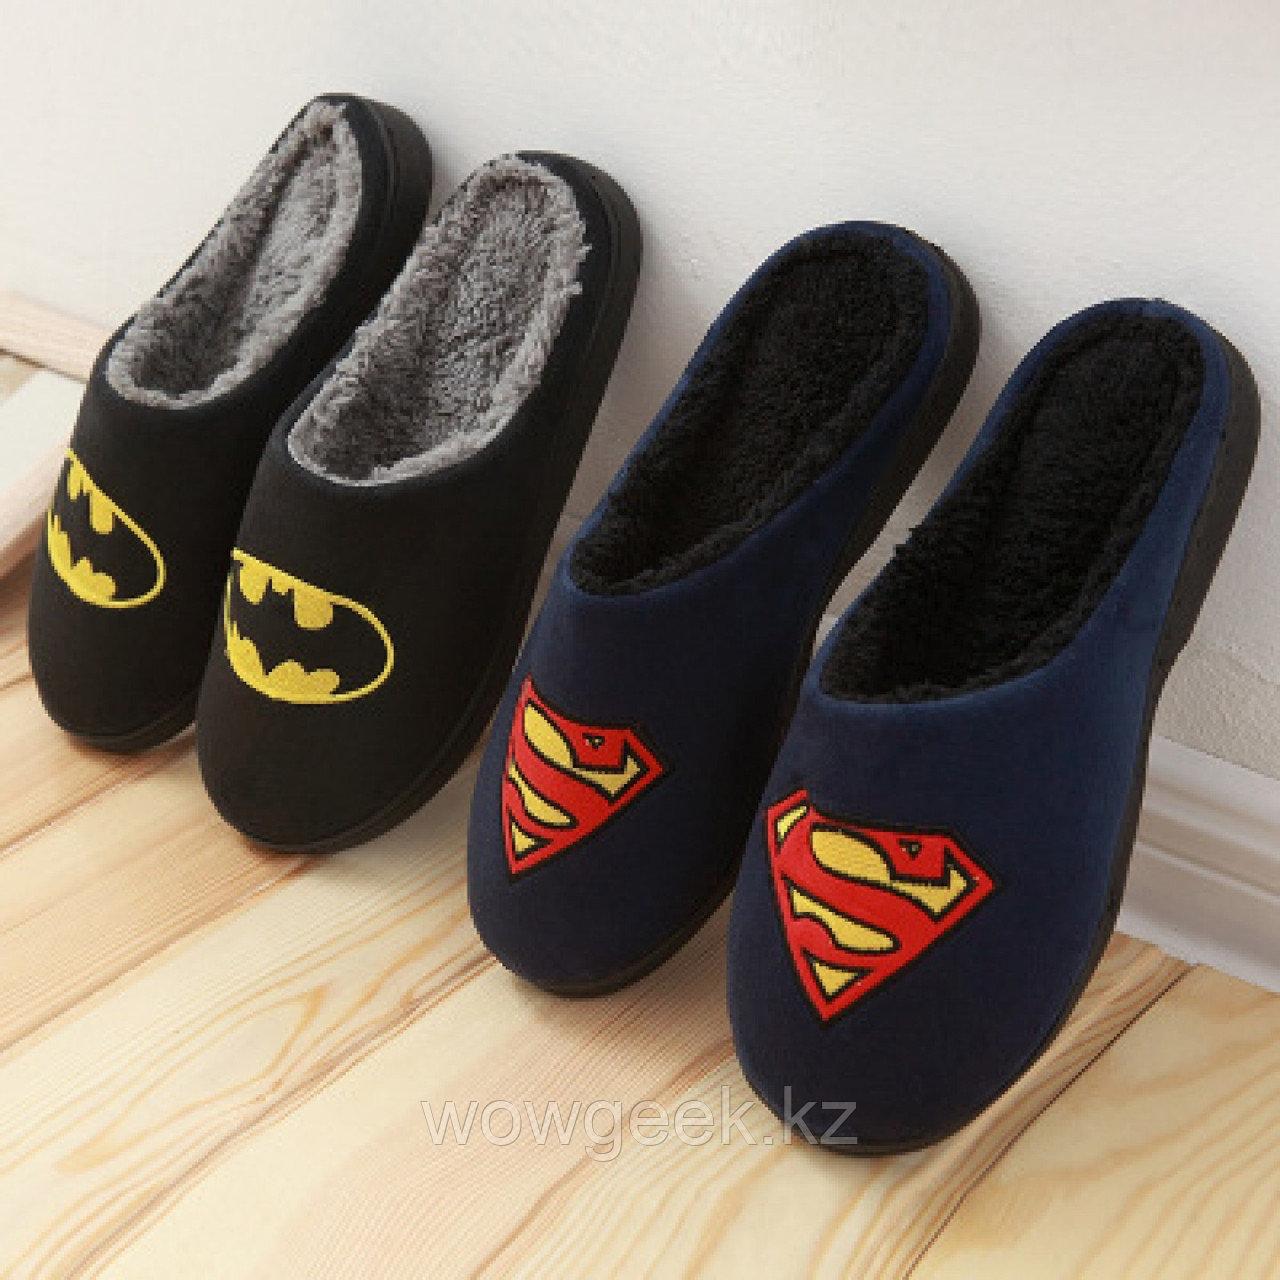 Домашние тапочки Супер герой